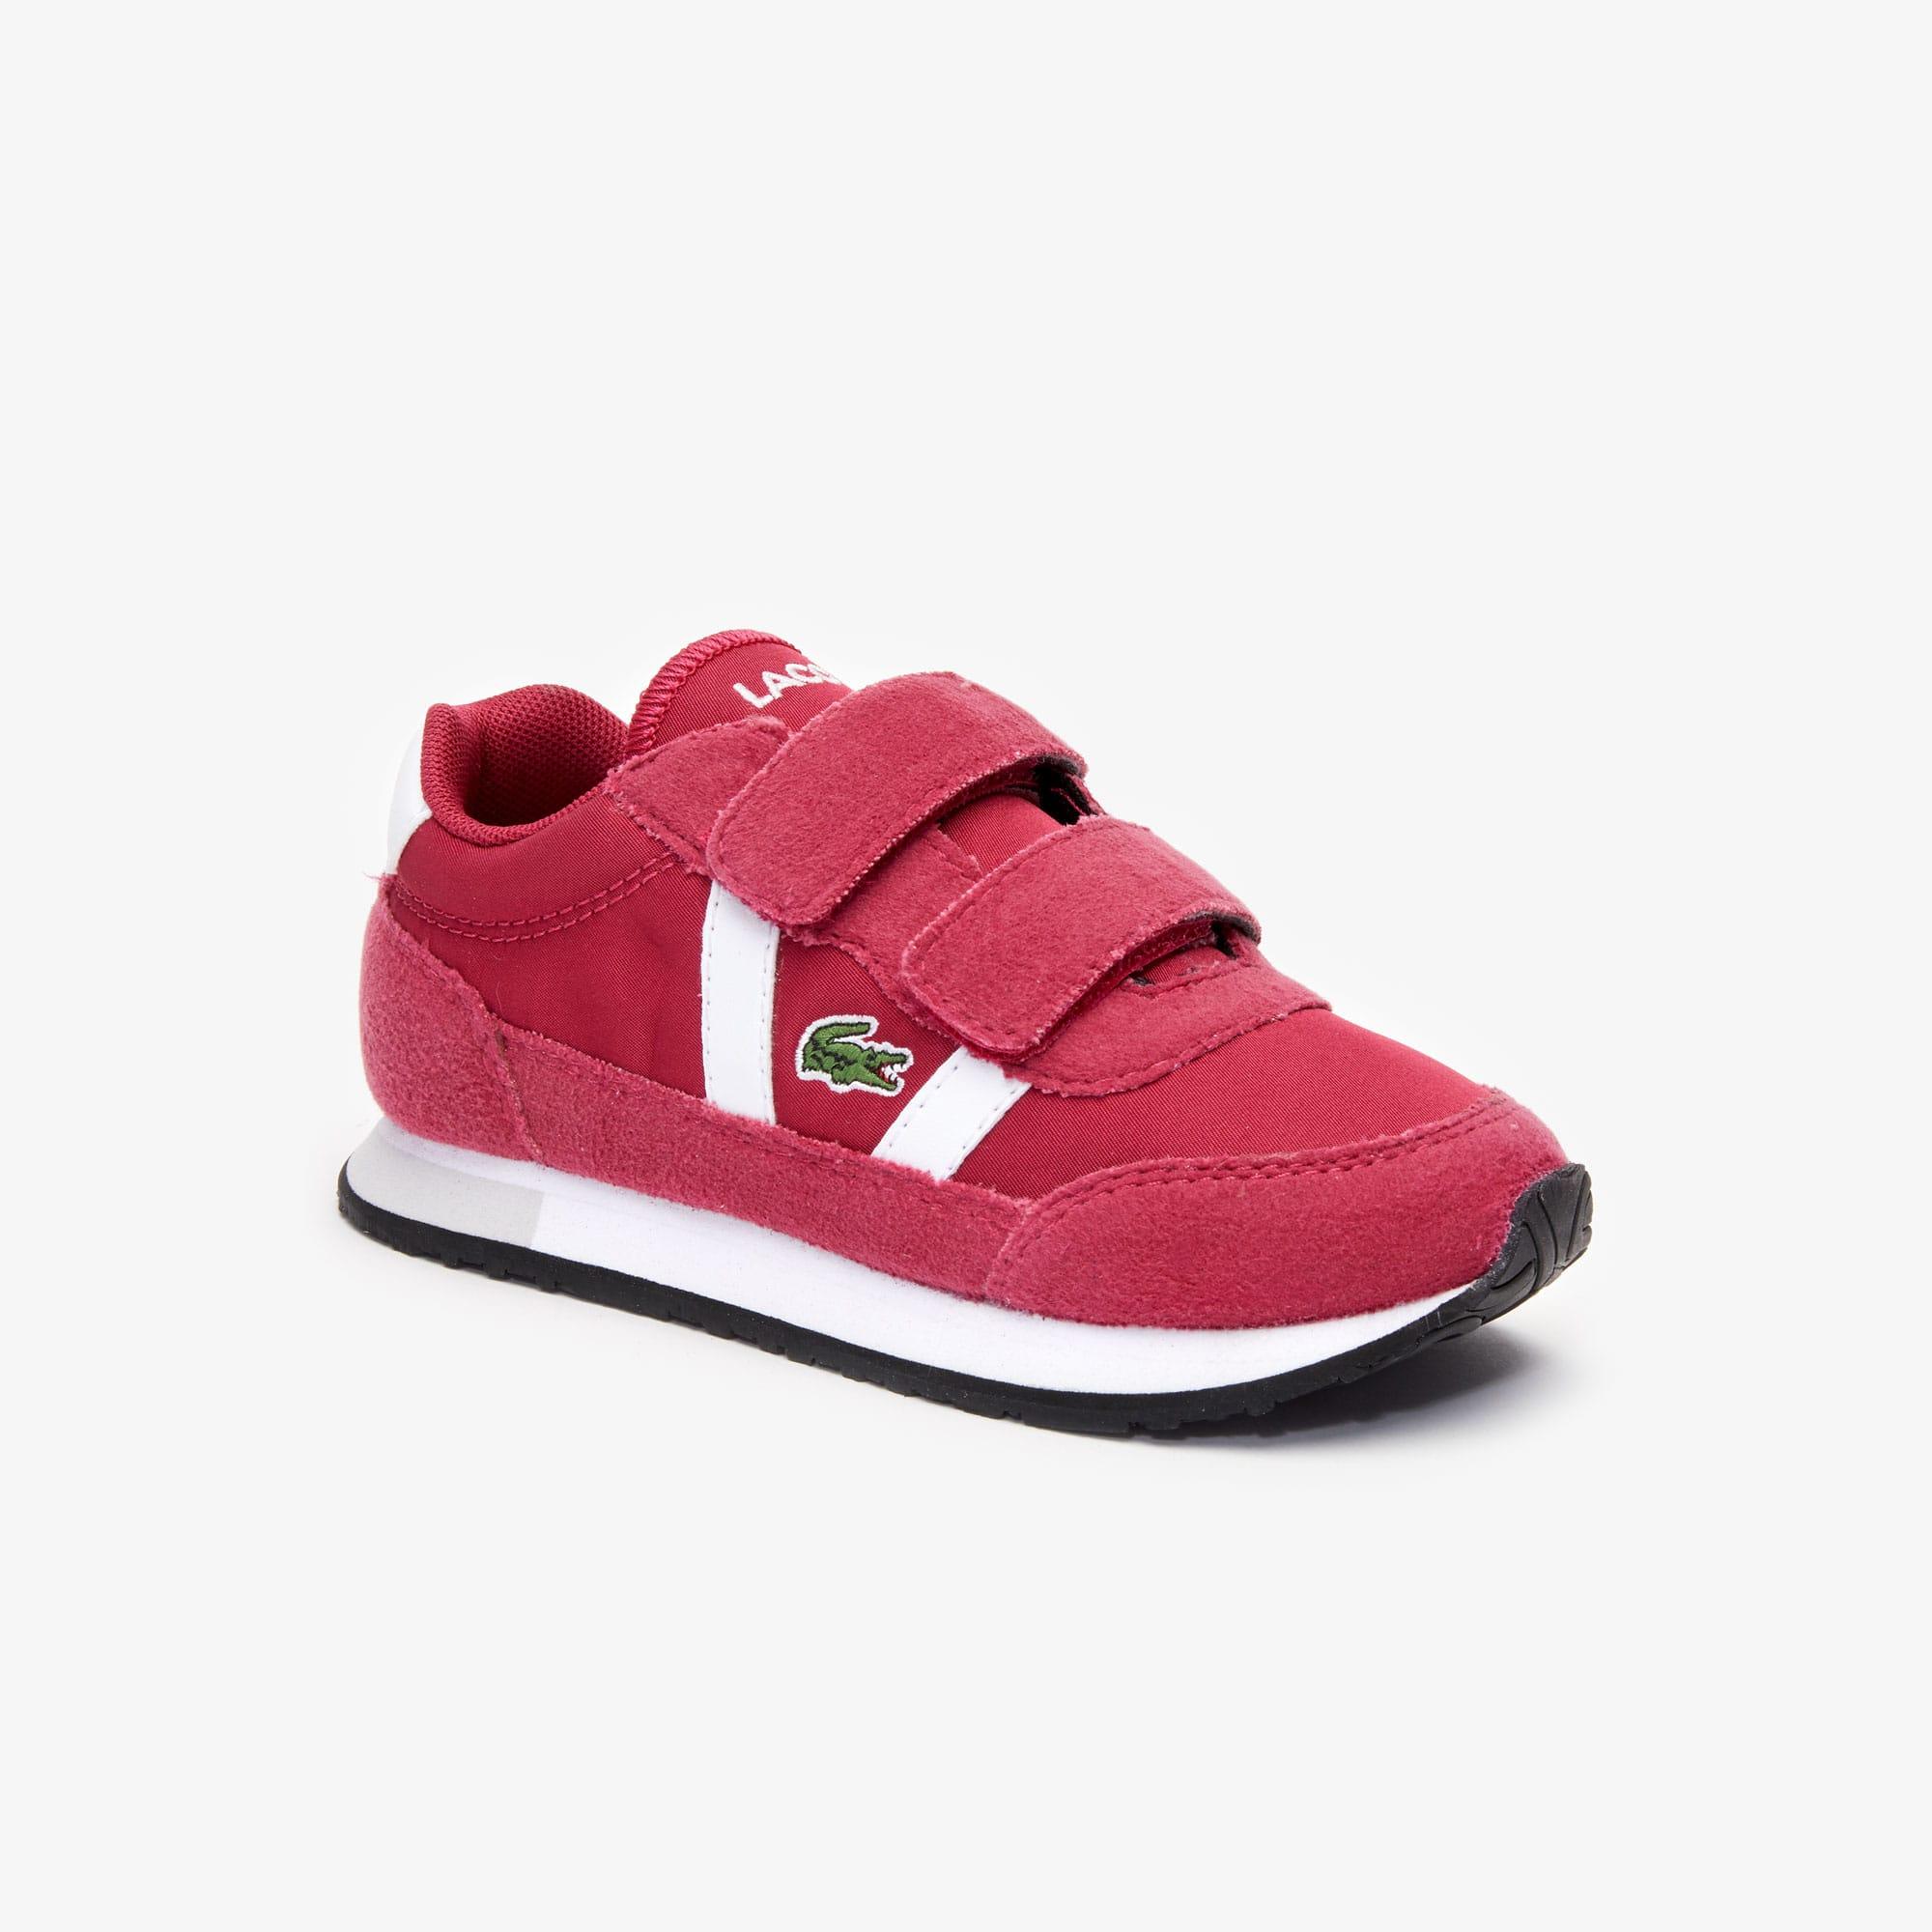 حذاء رياضي للأطفال من الجلد من مجموعة L.12.12